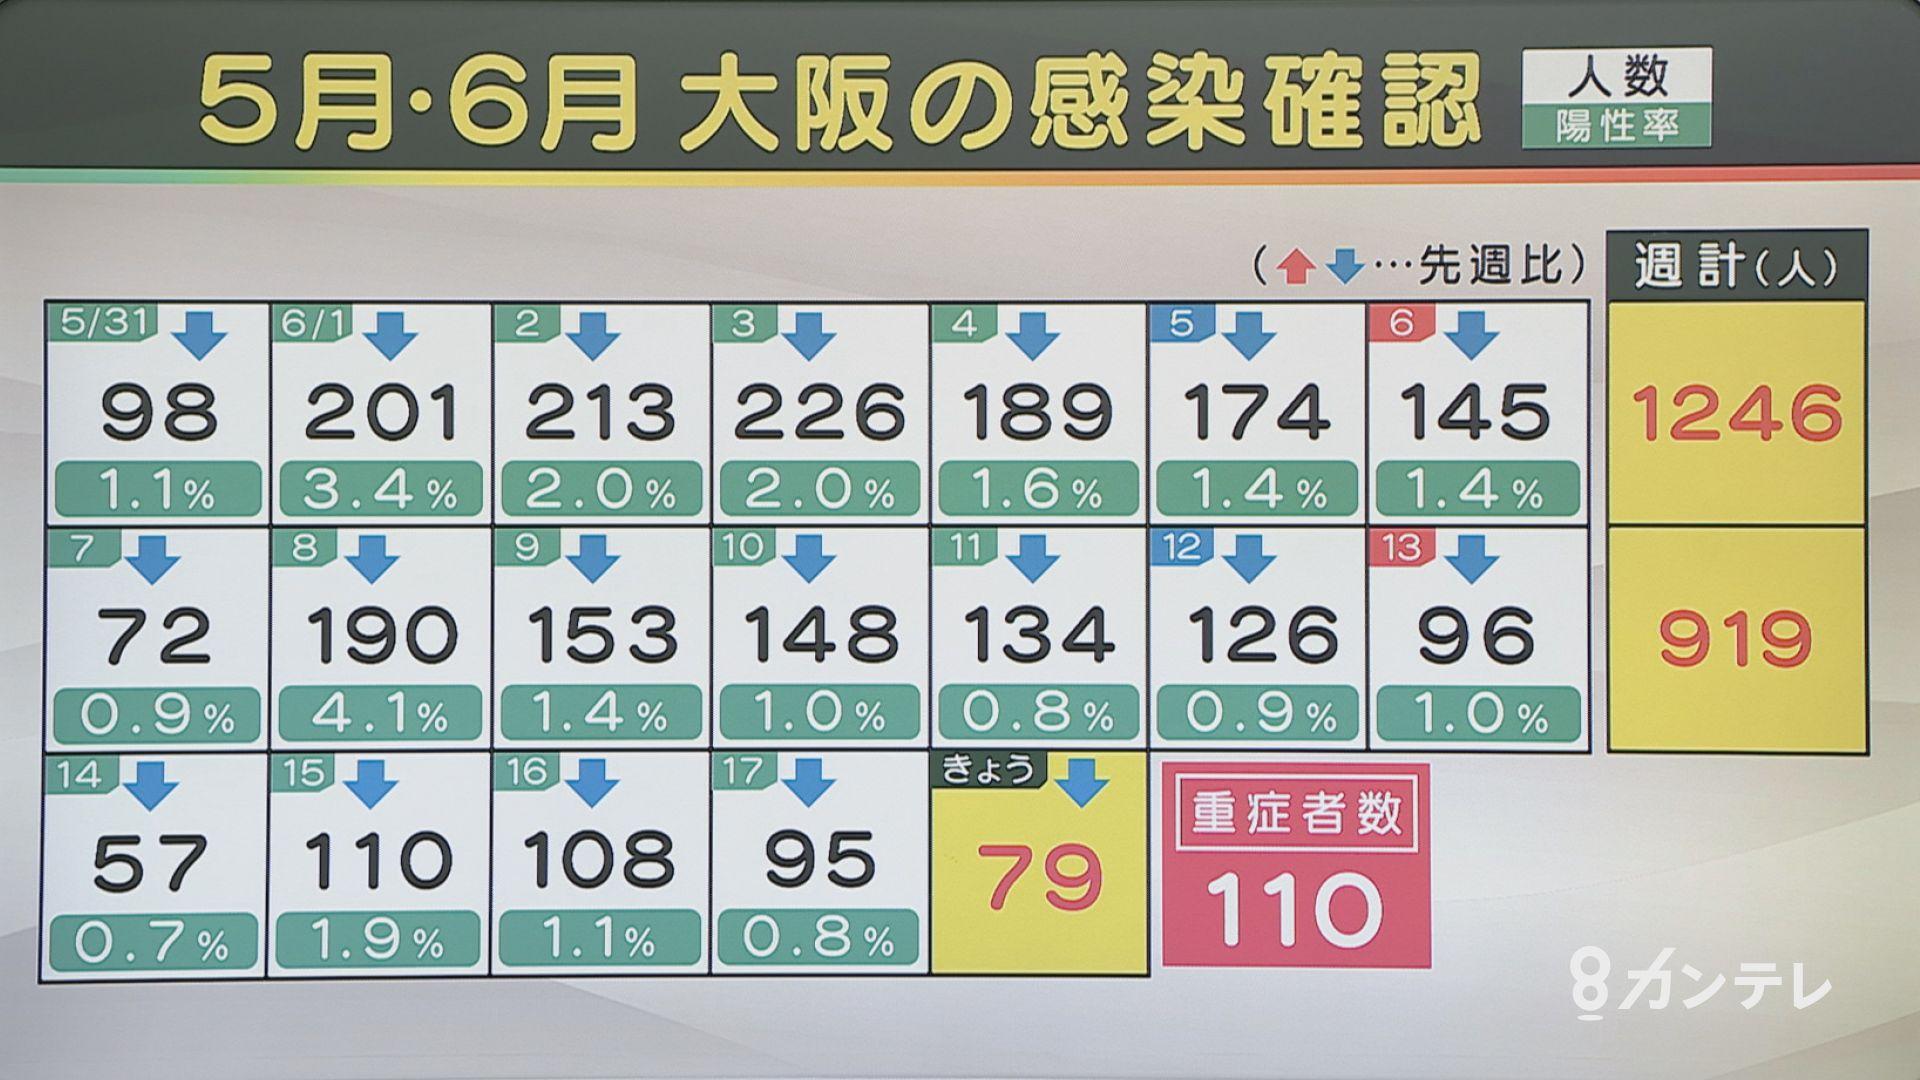 【速報】大阪で新たに79人の感染確認 感染者17人の死亡確認